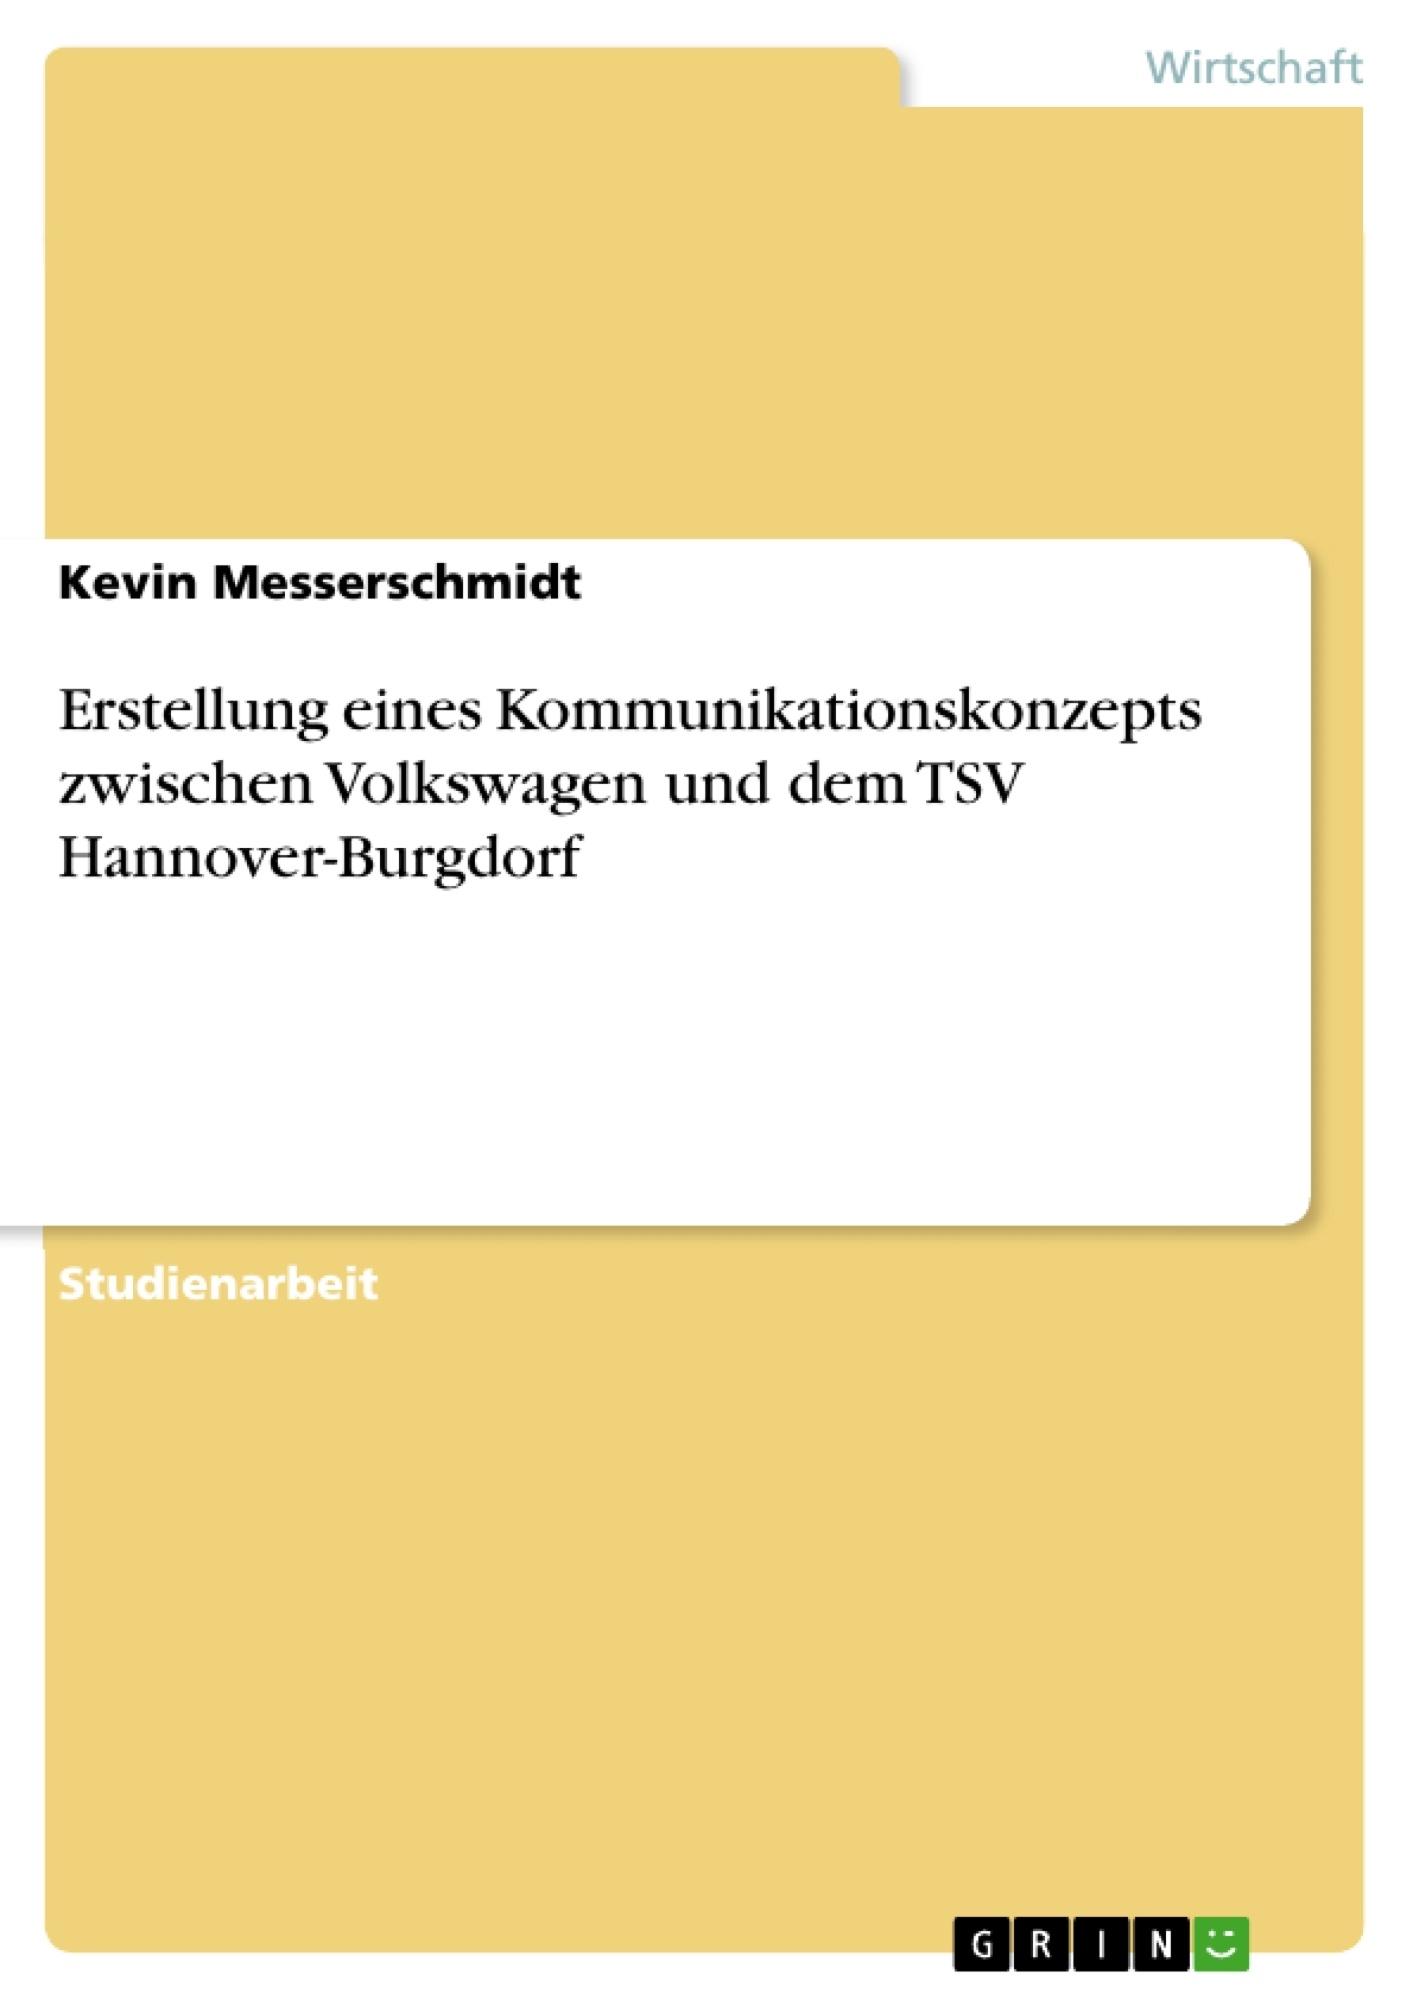 Titel: Erstellung eines Kommunikationskonzepts zwischen Volkswagen und dem TSV Hannover-Burgdorf